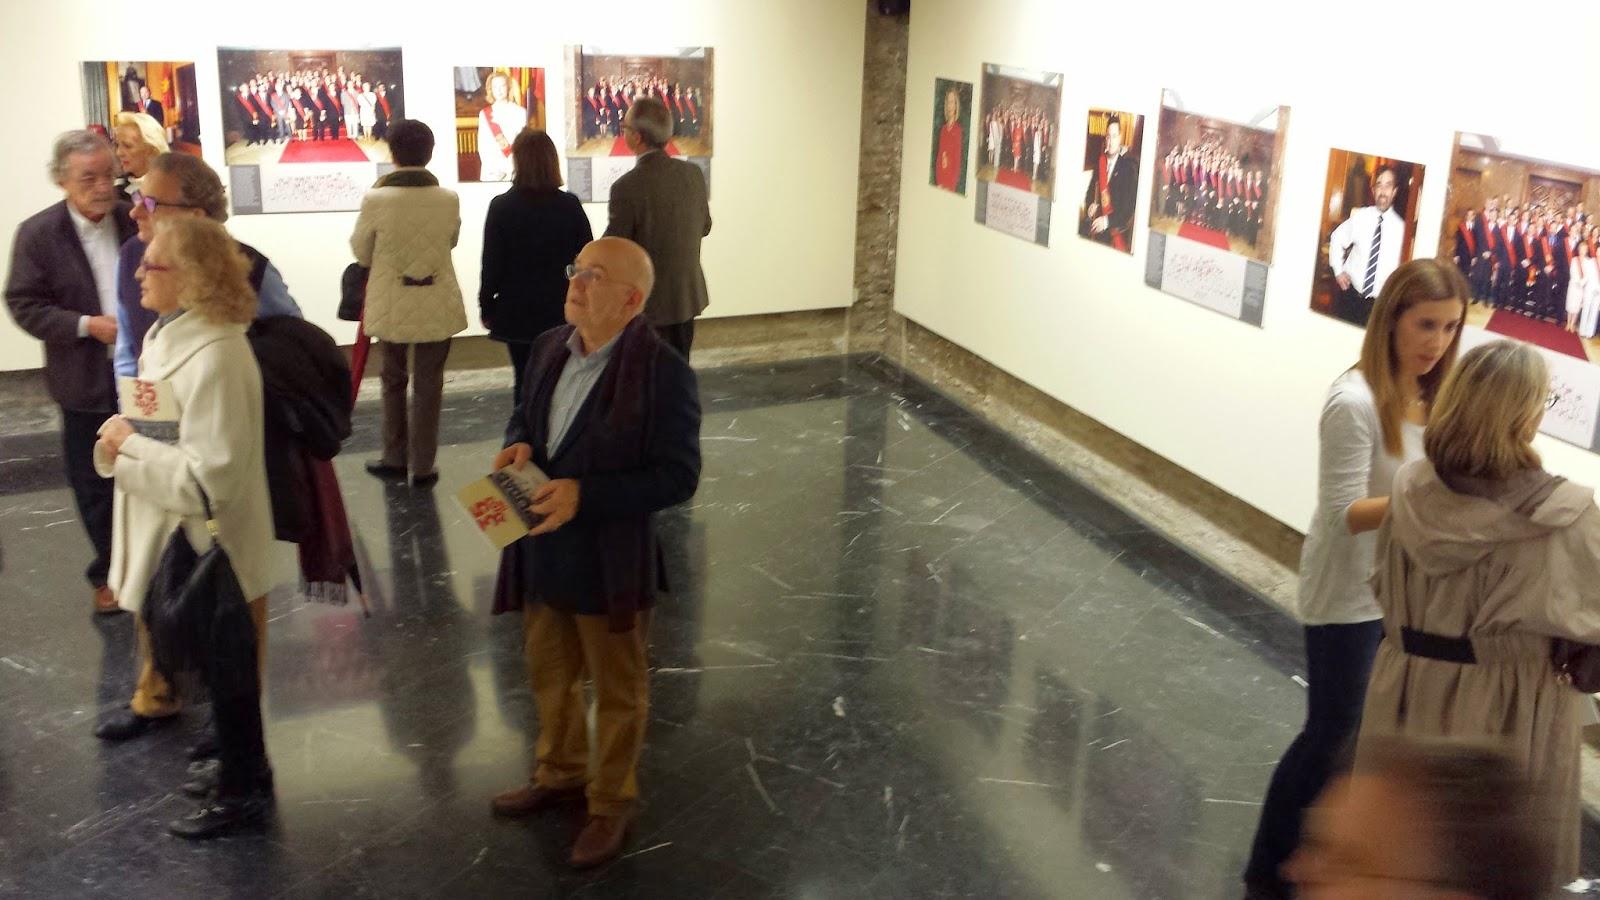 Casi 200 fotografías recorren los últimos 35 años de la ciudad de Zaragoza